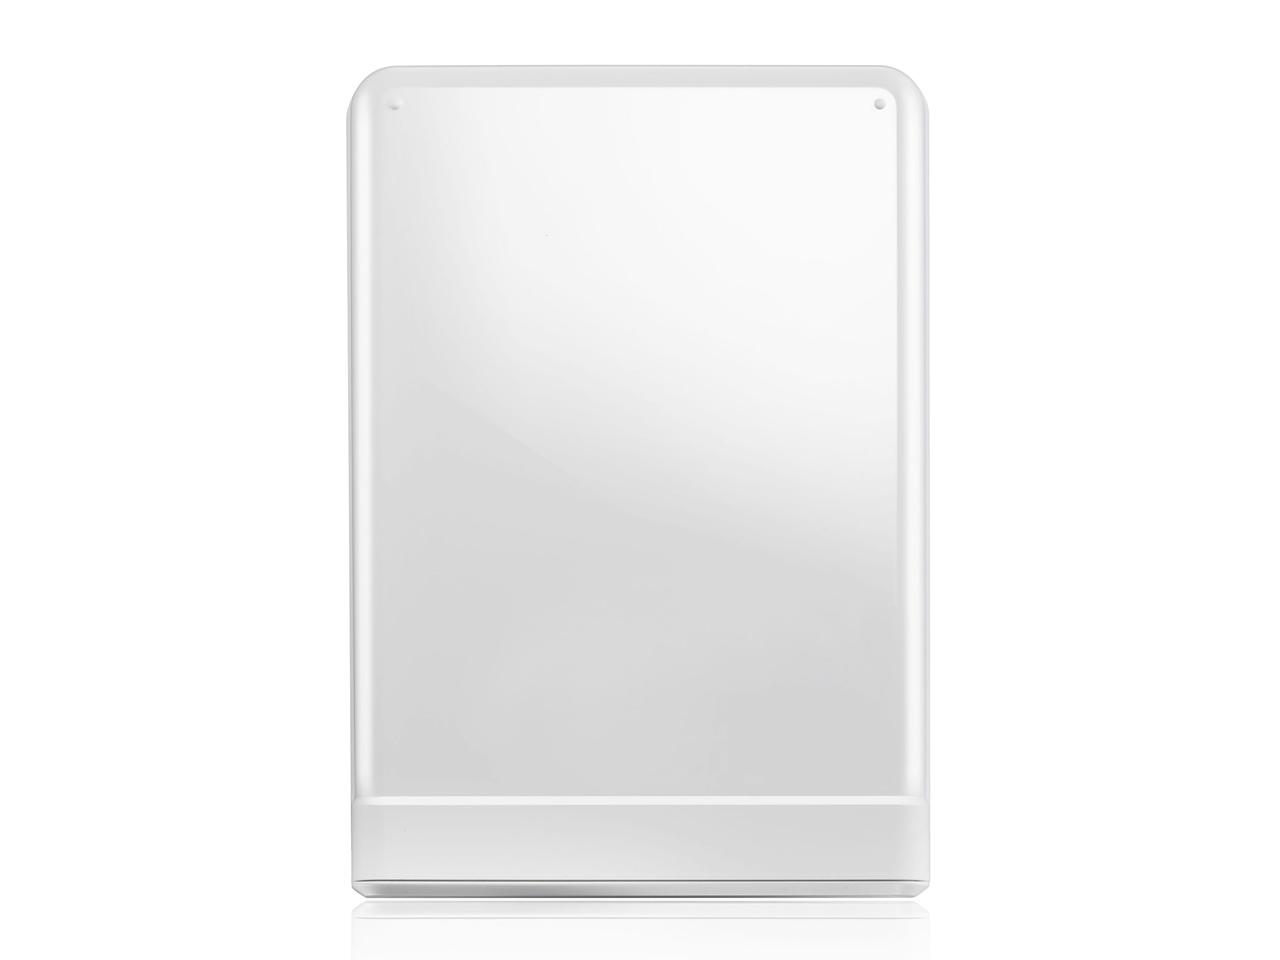 『本体 底面』 AHV620S-2TU3-CWH [ホワイト] の製品画像